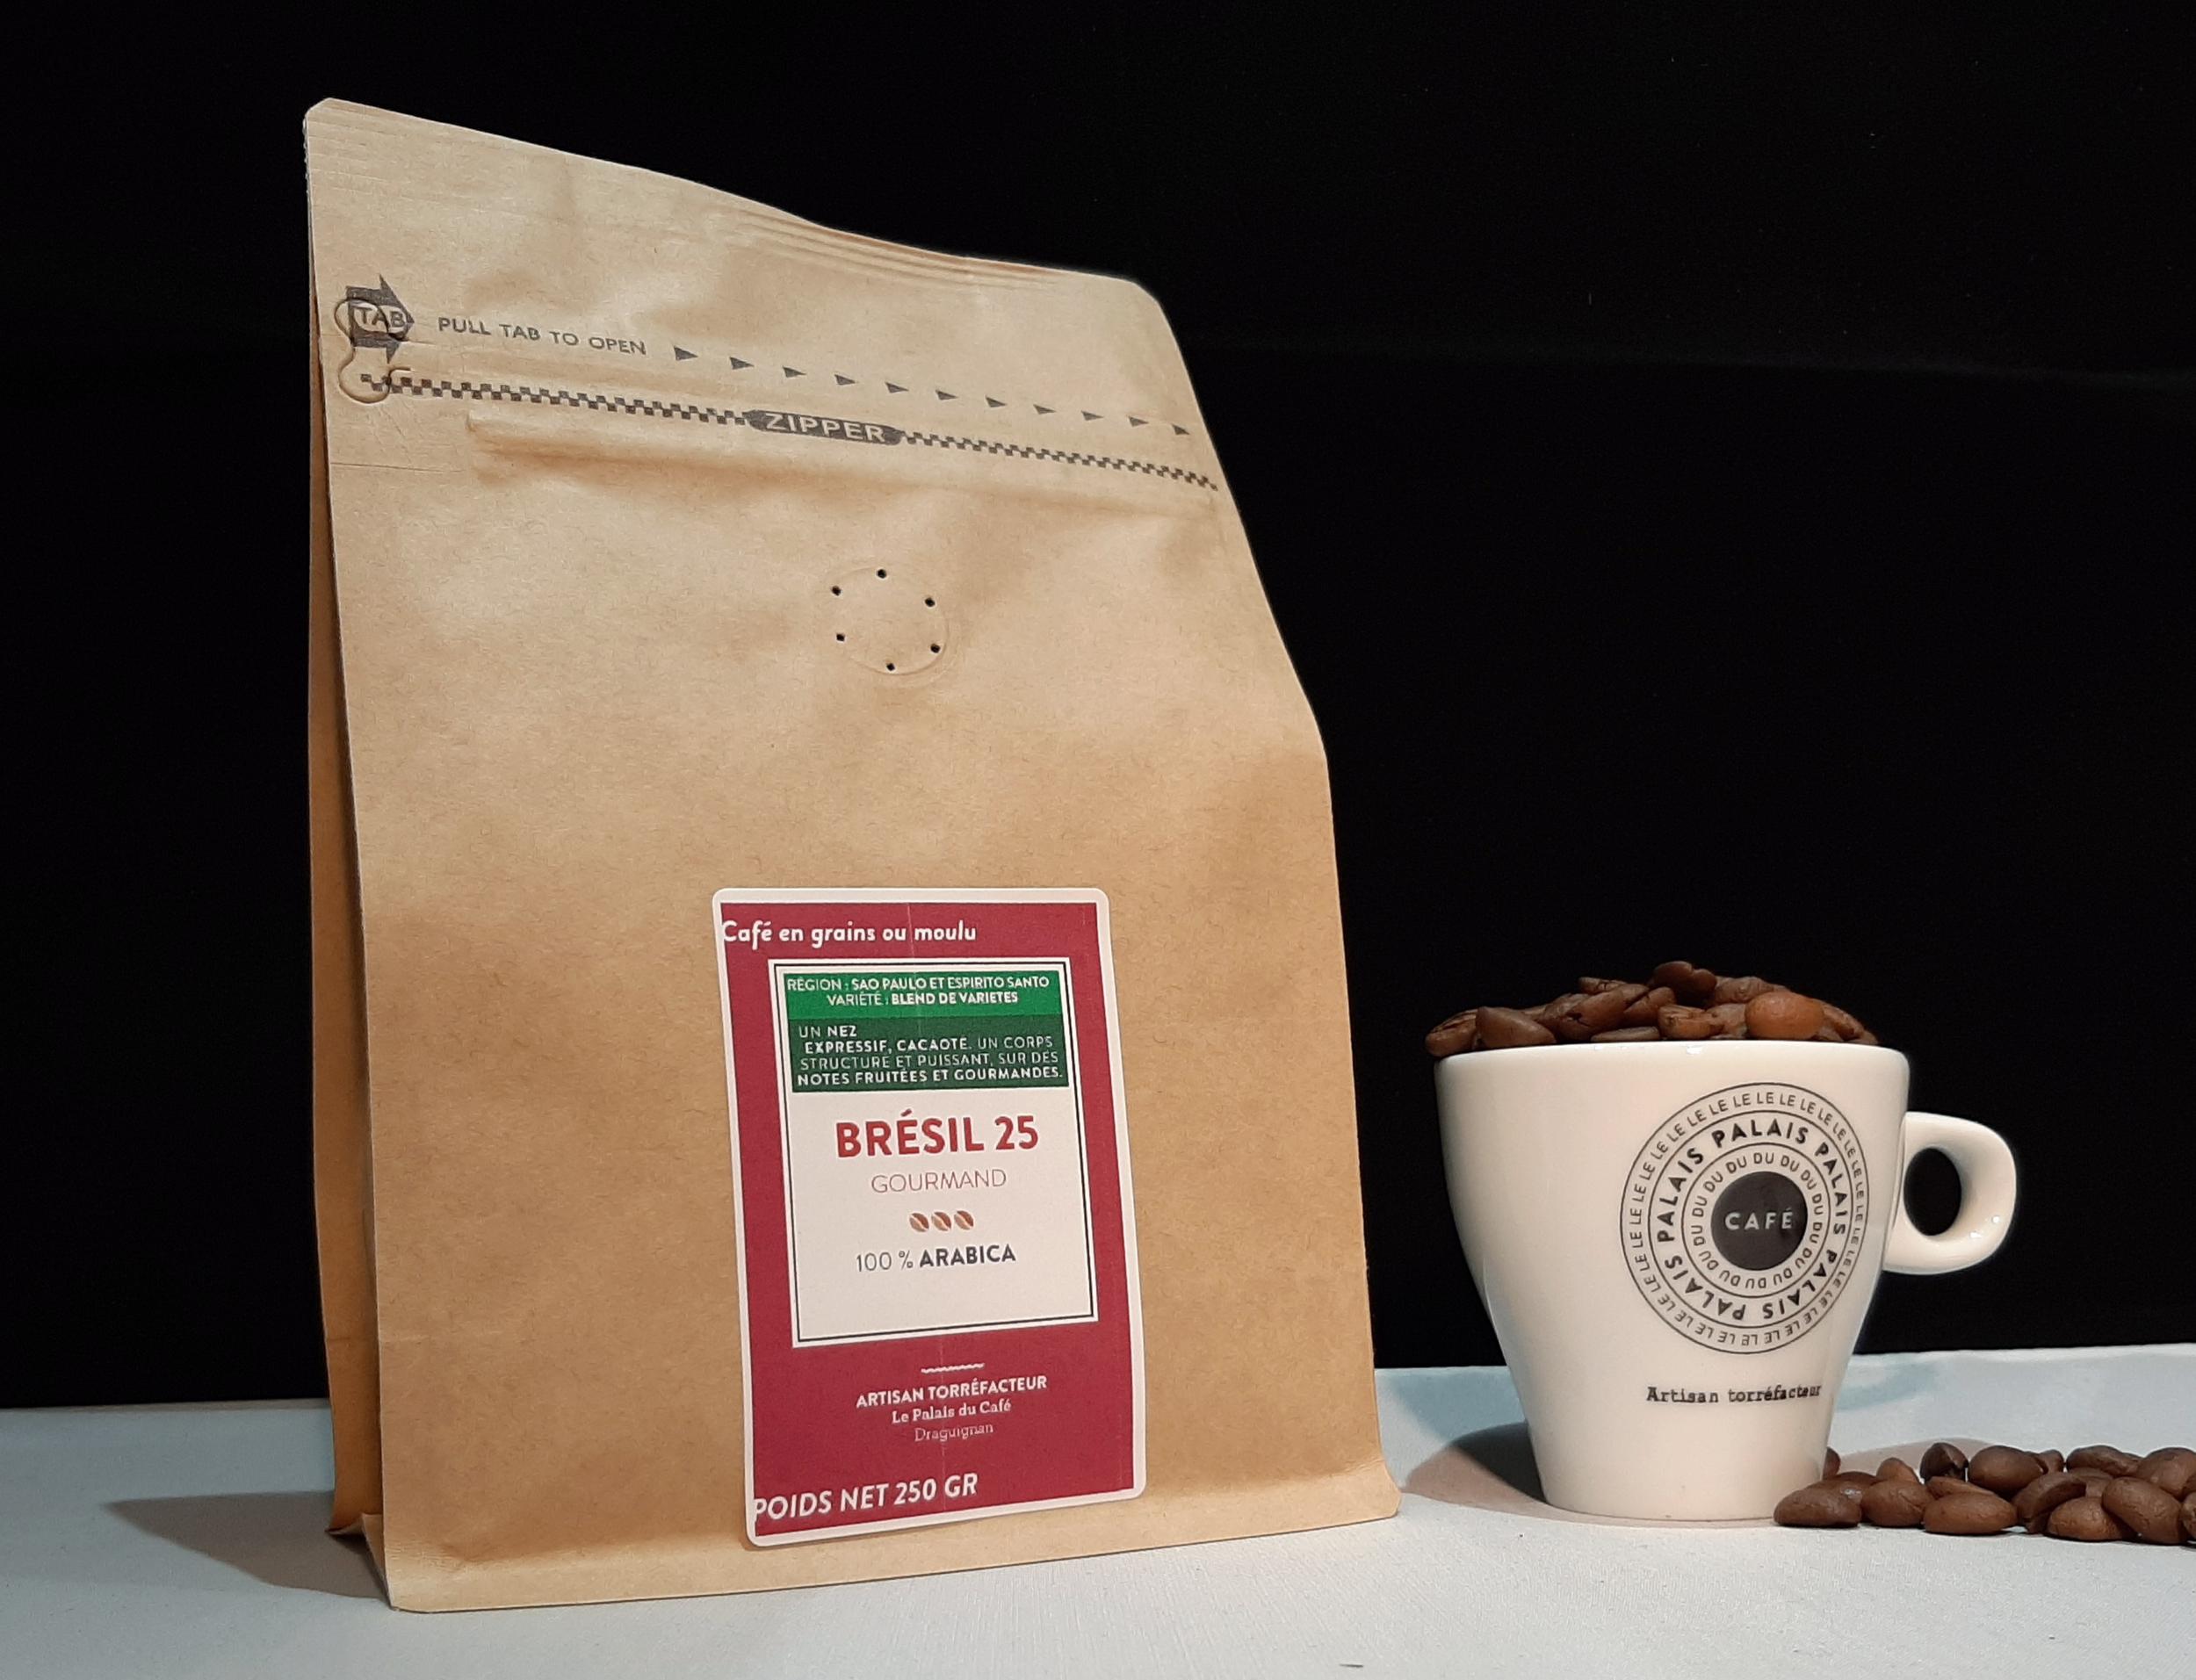 Brésil Blend Espresso 25s - spécial expresso